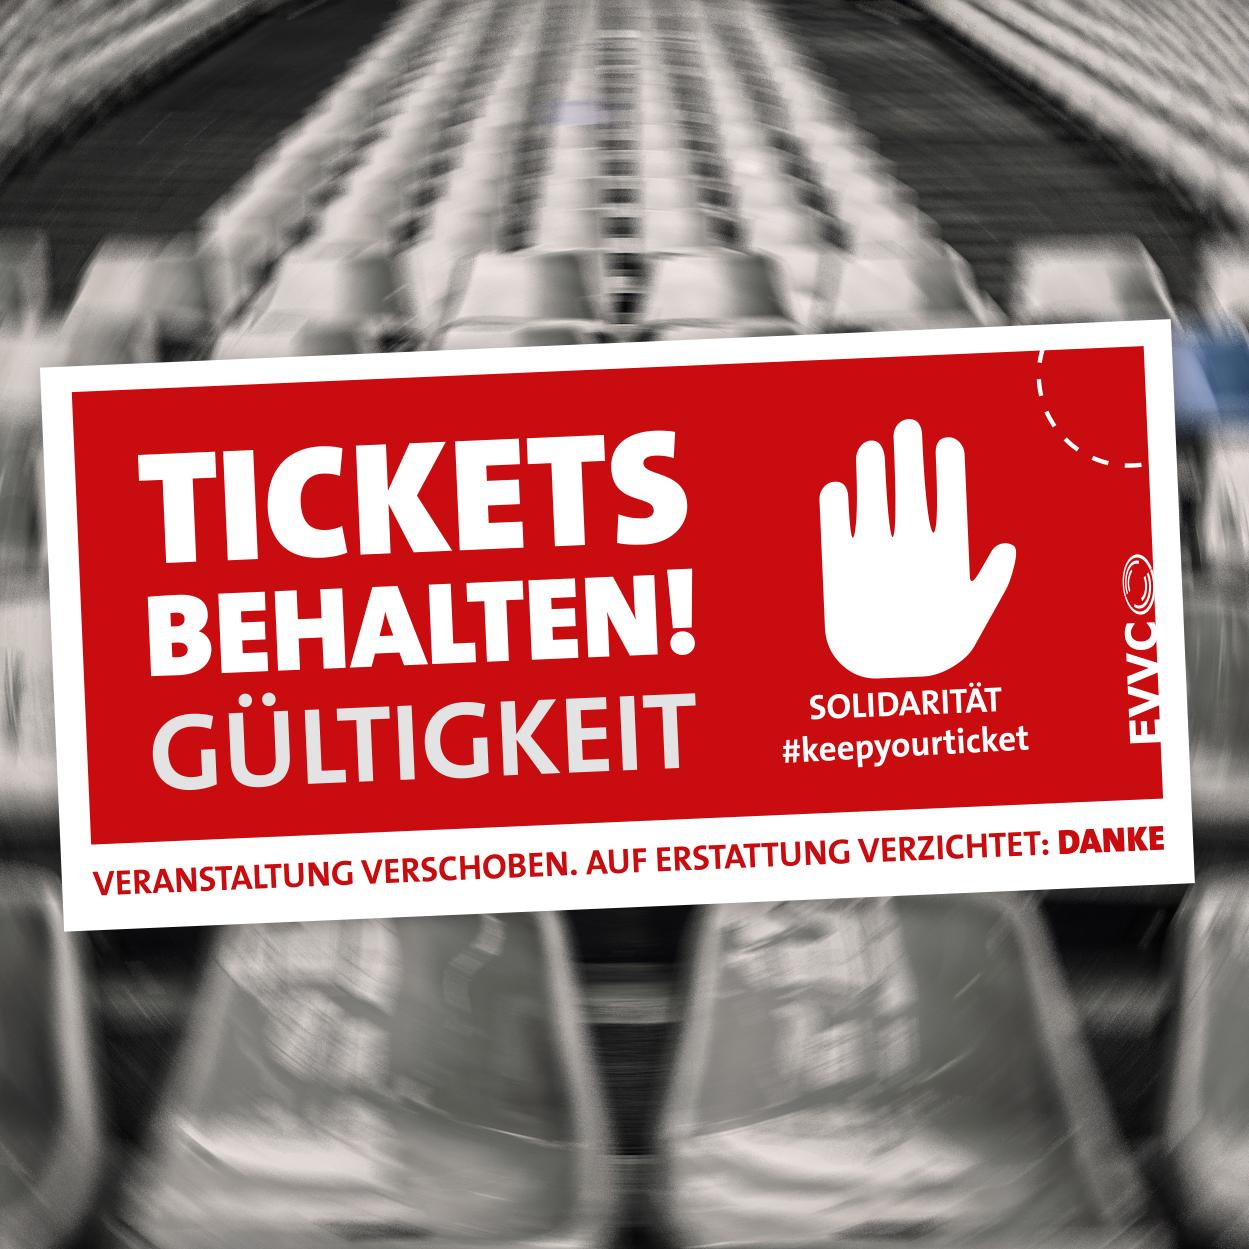 Achtung Veranstaltungsverlegung Katrin Sass Veranstaltungszentrum Neubrandenburg Gmbh